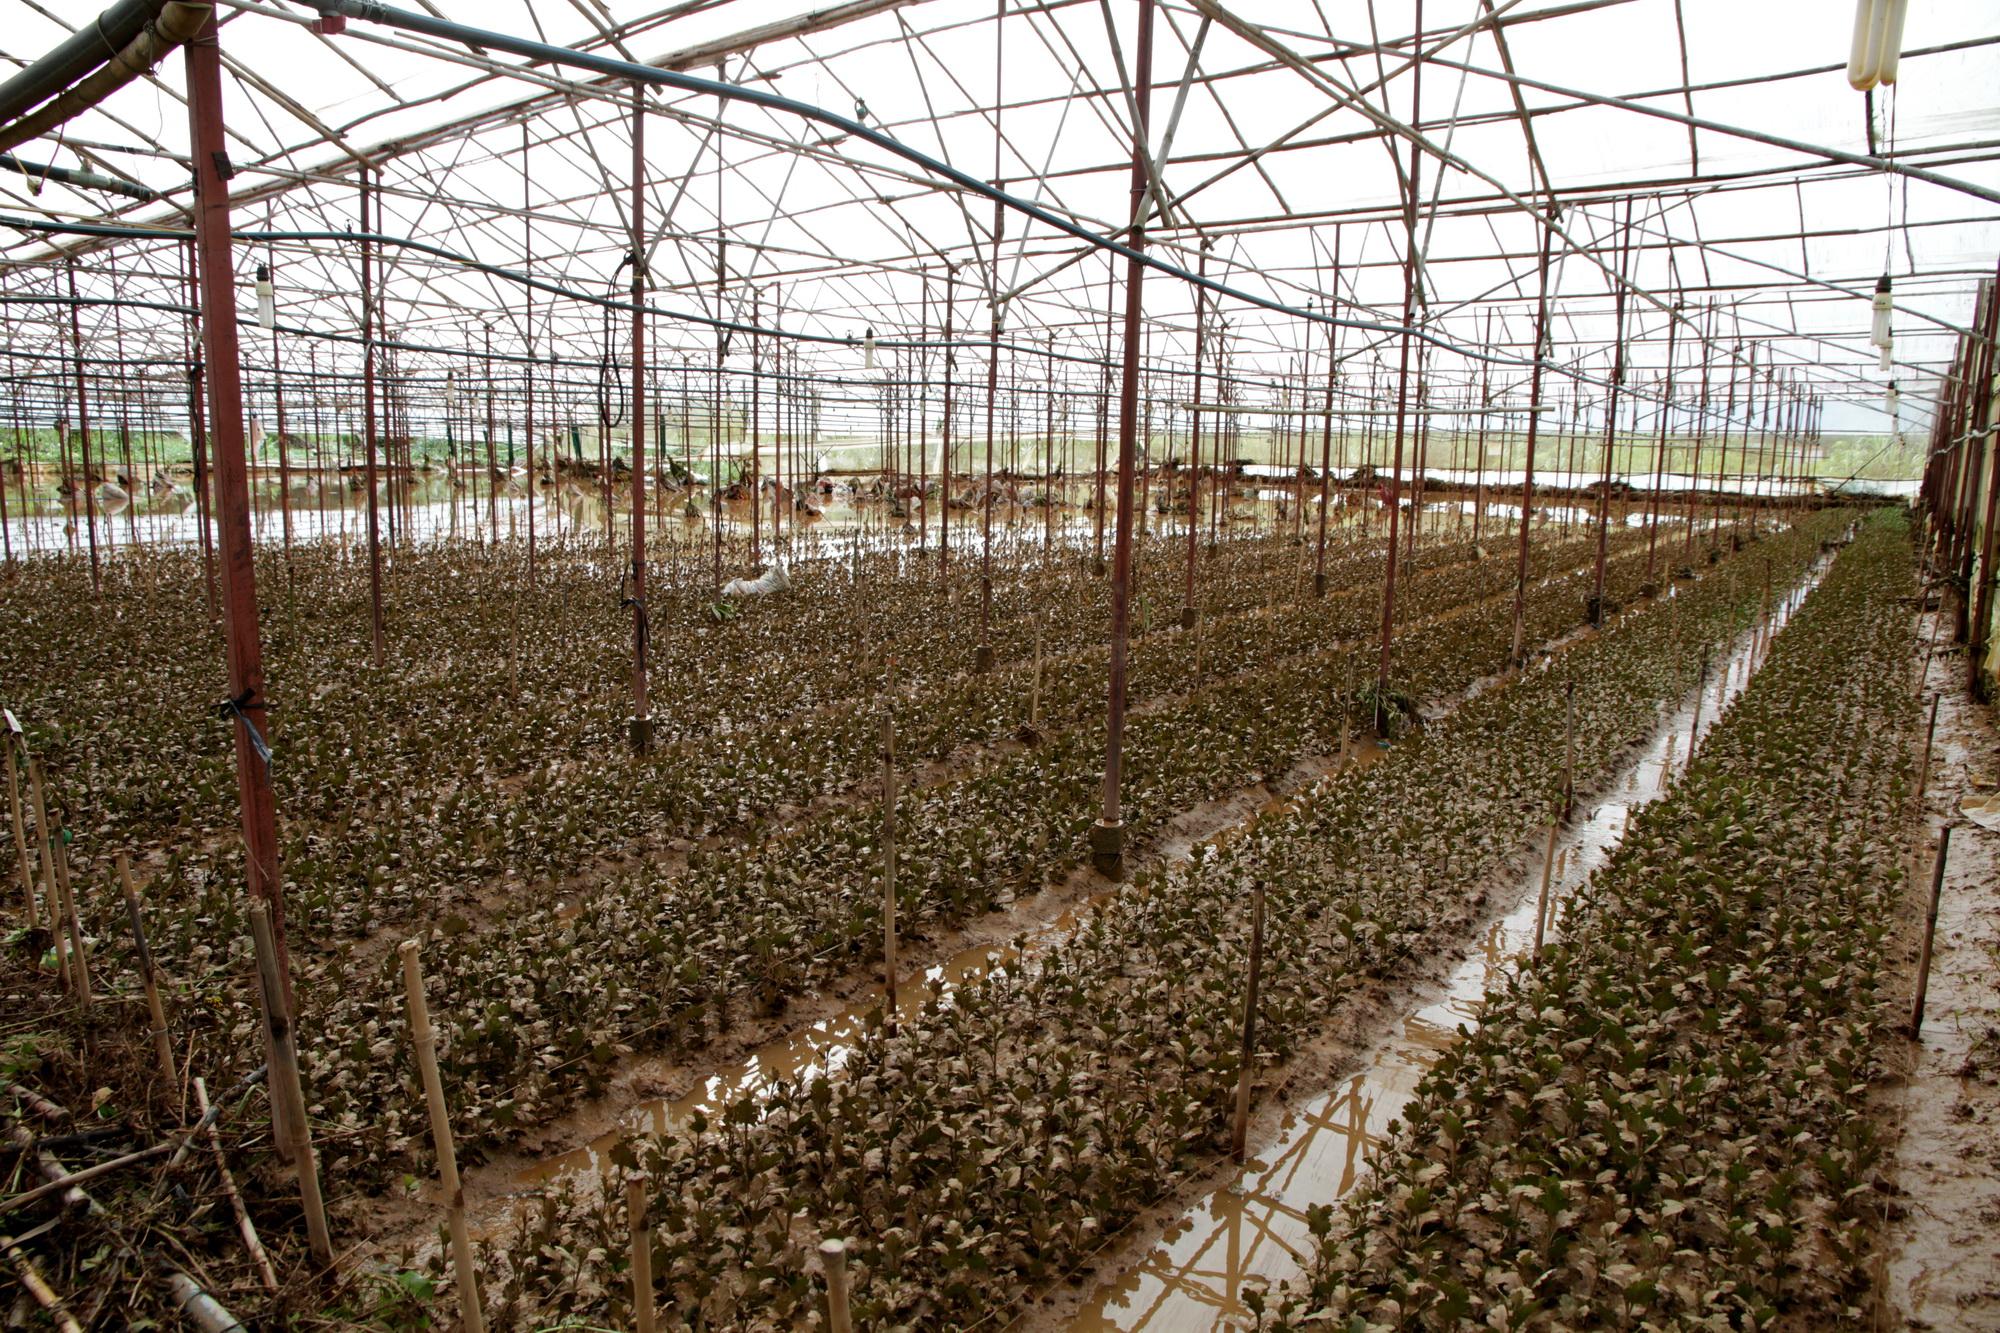 Hoa cúc vừa xuống giống ở tổ 19 bị nước lũ làm hư hại hoàn toàn